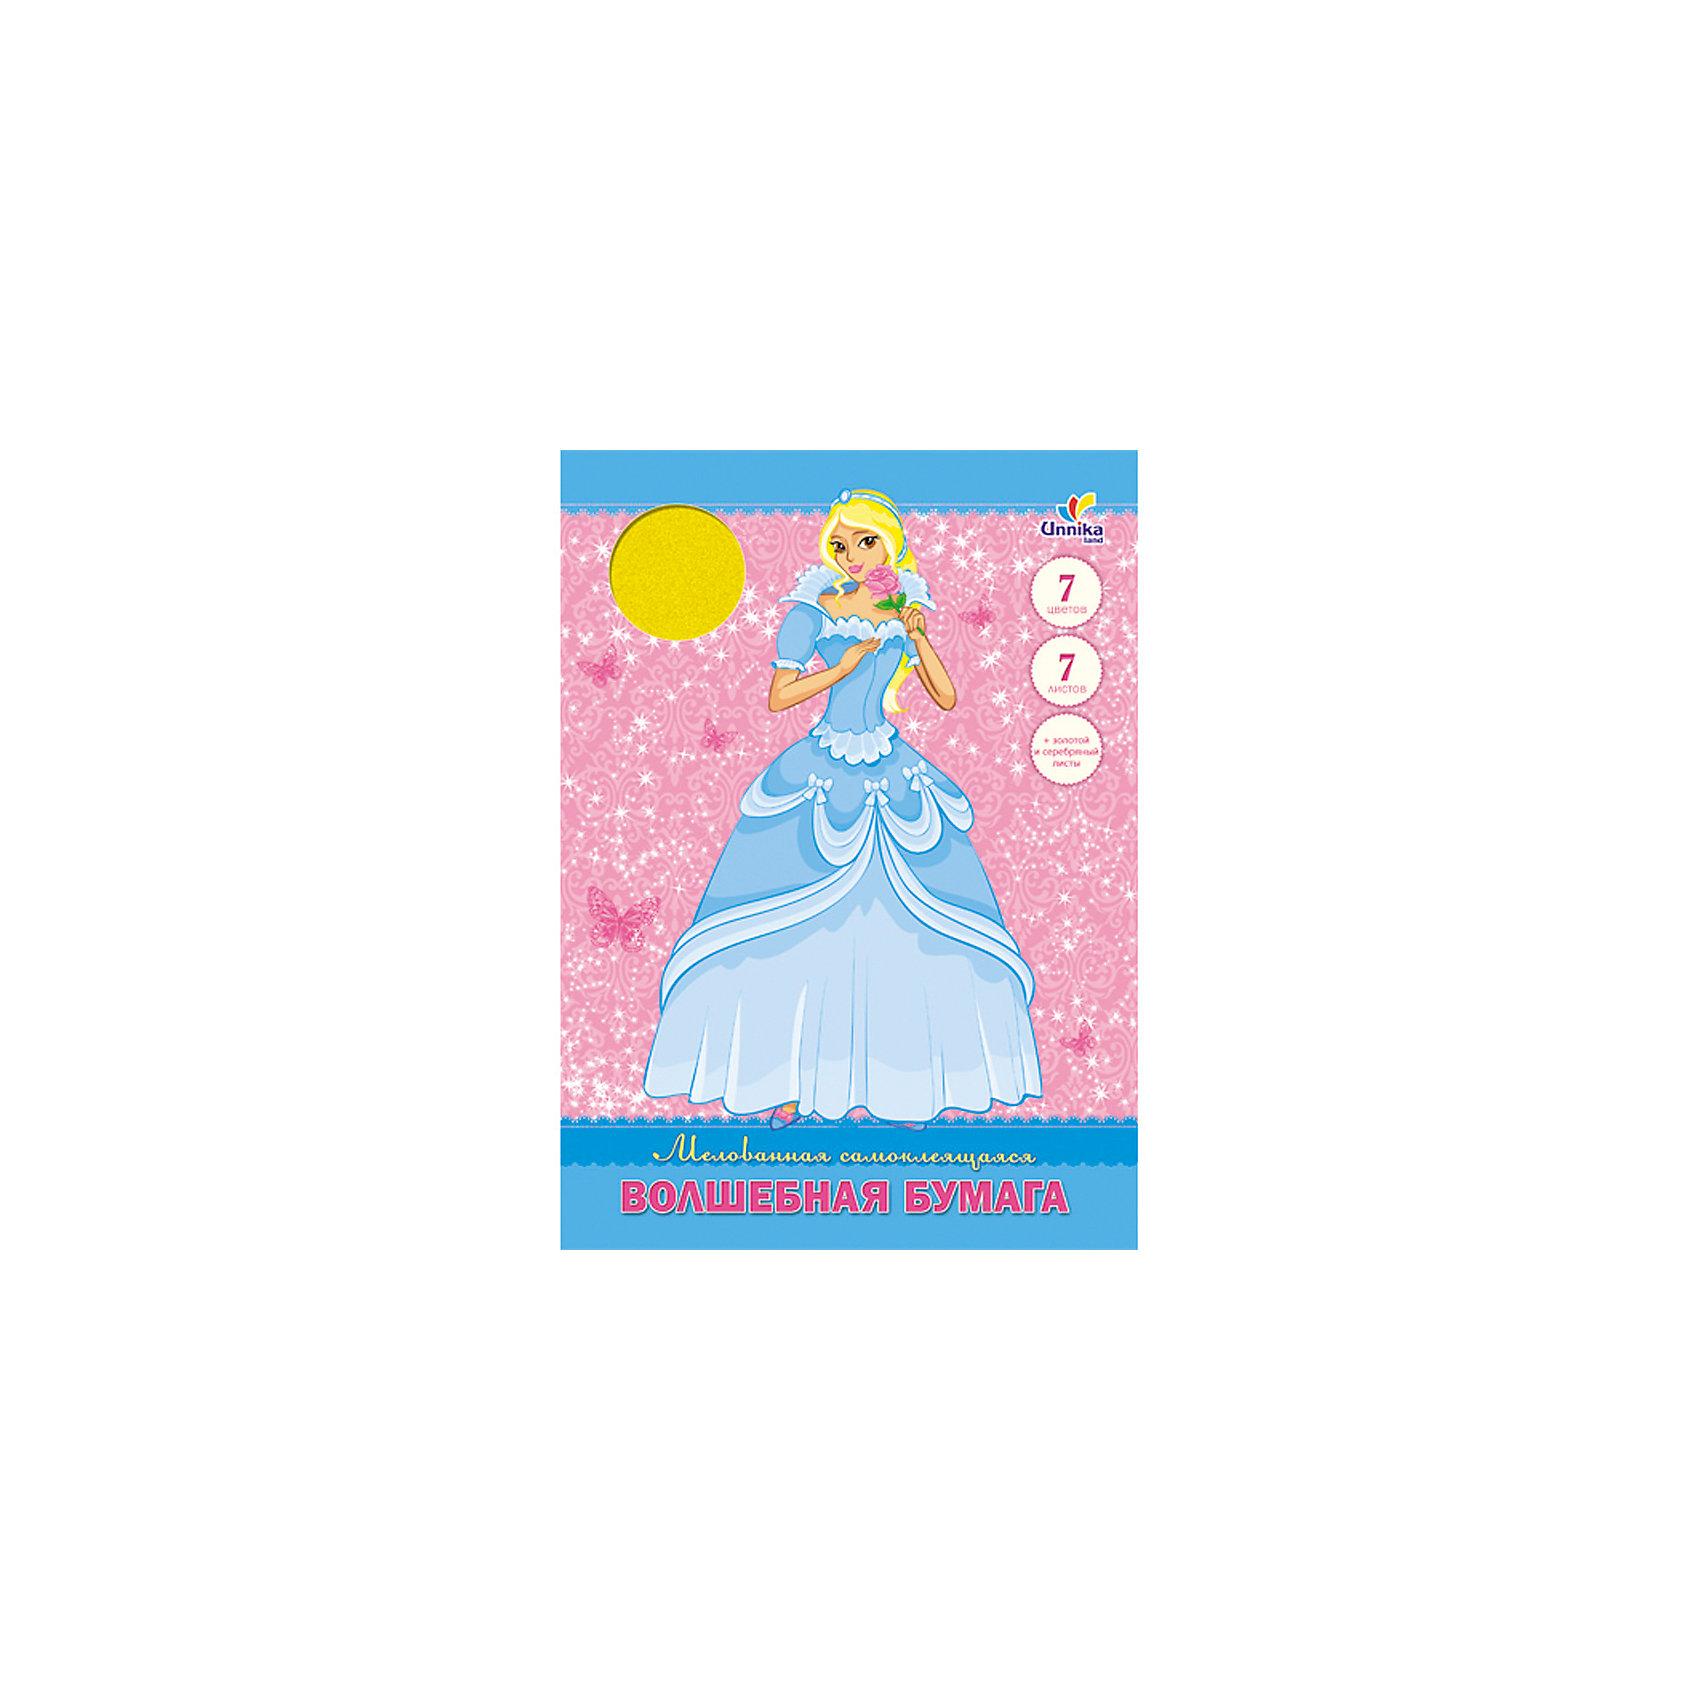 Самоклеющаяся бумага Принцесса Кристал (7 цветов, 7 листов)Цветная самоклеющаяся мелованная бумага Принцесса Кристал - это отличный материал для детского творчества, поделок и аппликаций. В набор входит 7 листов цветной бумаги: 5 разноцветных листов, а также золотой и серебряный листы, упакованных в картонную папку.<br><br>Дополнительная информация:<br><br>- Количество листов: 7<br>- Количество цветов: 7<br>- Папка: импортный мелованный картон, с карманом и вырубкой<br>- Размер: 285 х 207 х 1 мм.<br>- Вес: 113 гр.<br><br>Самоклеющуюся бумагу Принцесса Кристал (7 цветов, 7 листов) можно купить в нашем интернет-магазине.<br><br>Ширина мм: 285<br>Глубина мм: 207<br>Высота мм: 1<br>Вес г: 113<br>Возраст от месяцев: 72<br>Возраст до месяцев: 144<br>Пол: Женский<br>Возраст: Детский<br>SKU: 4067774